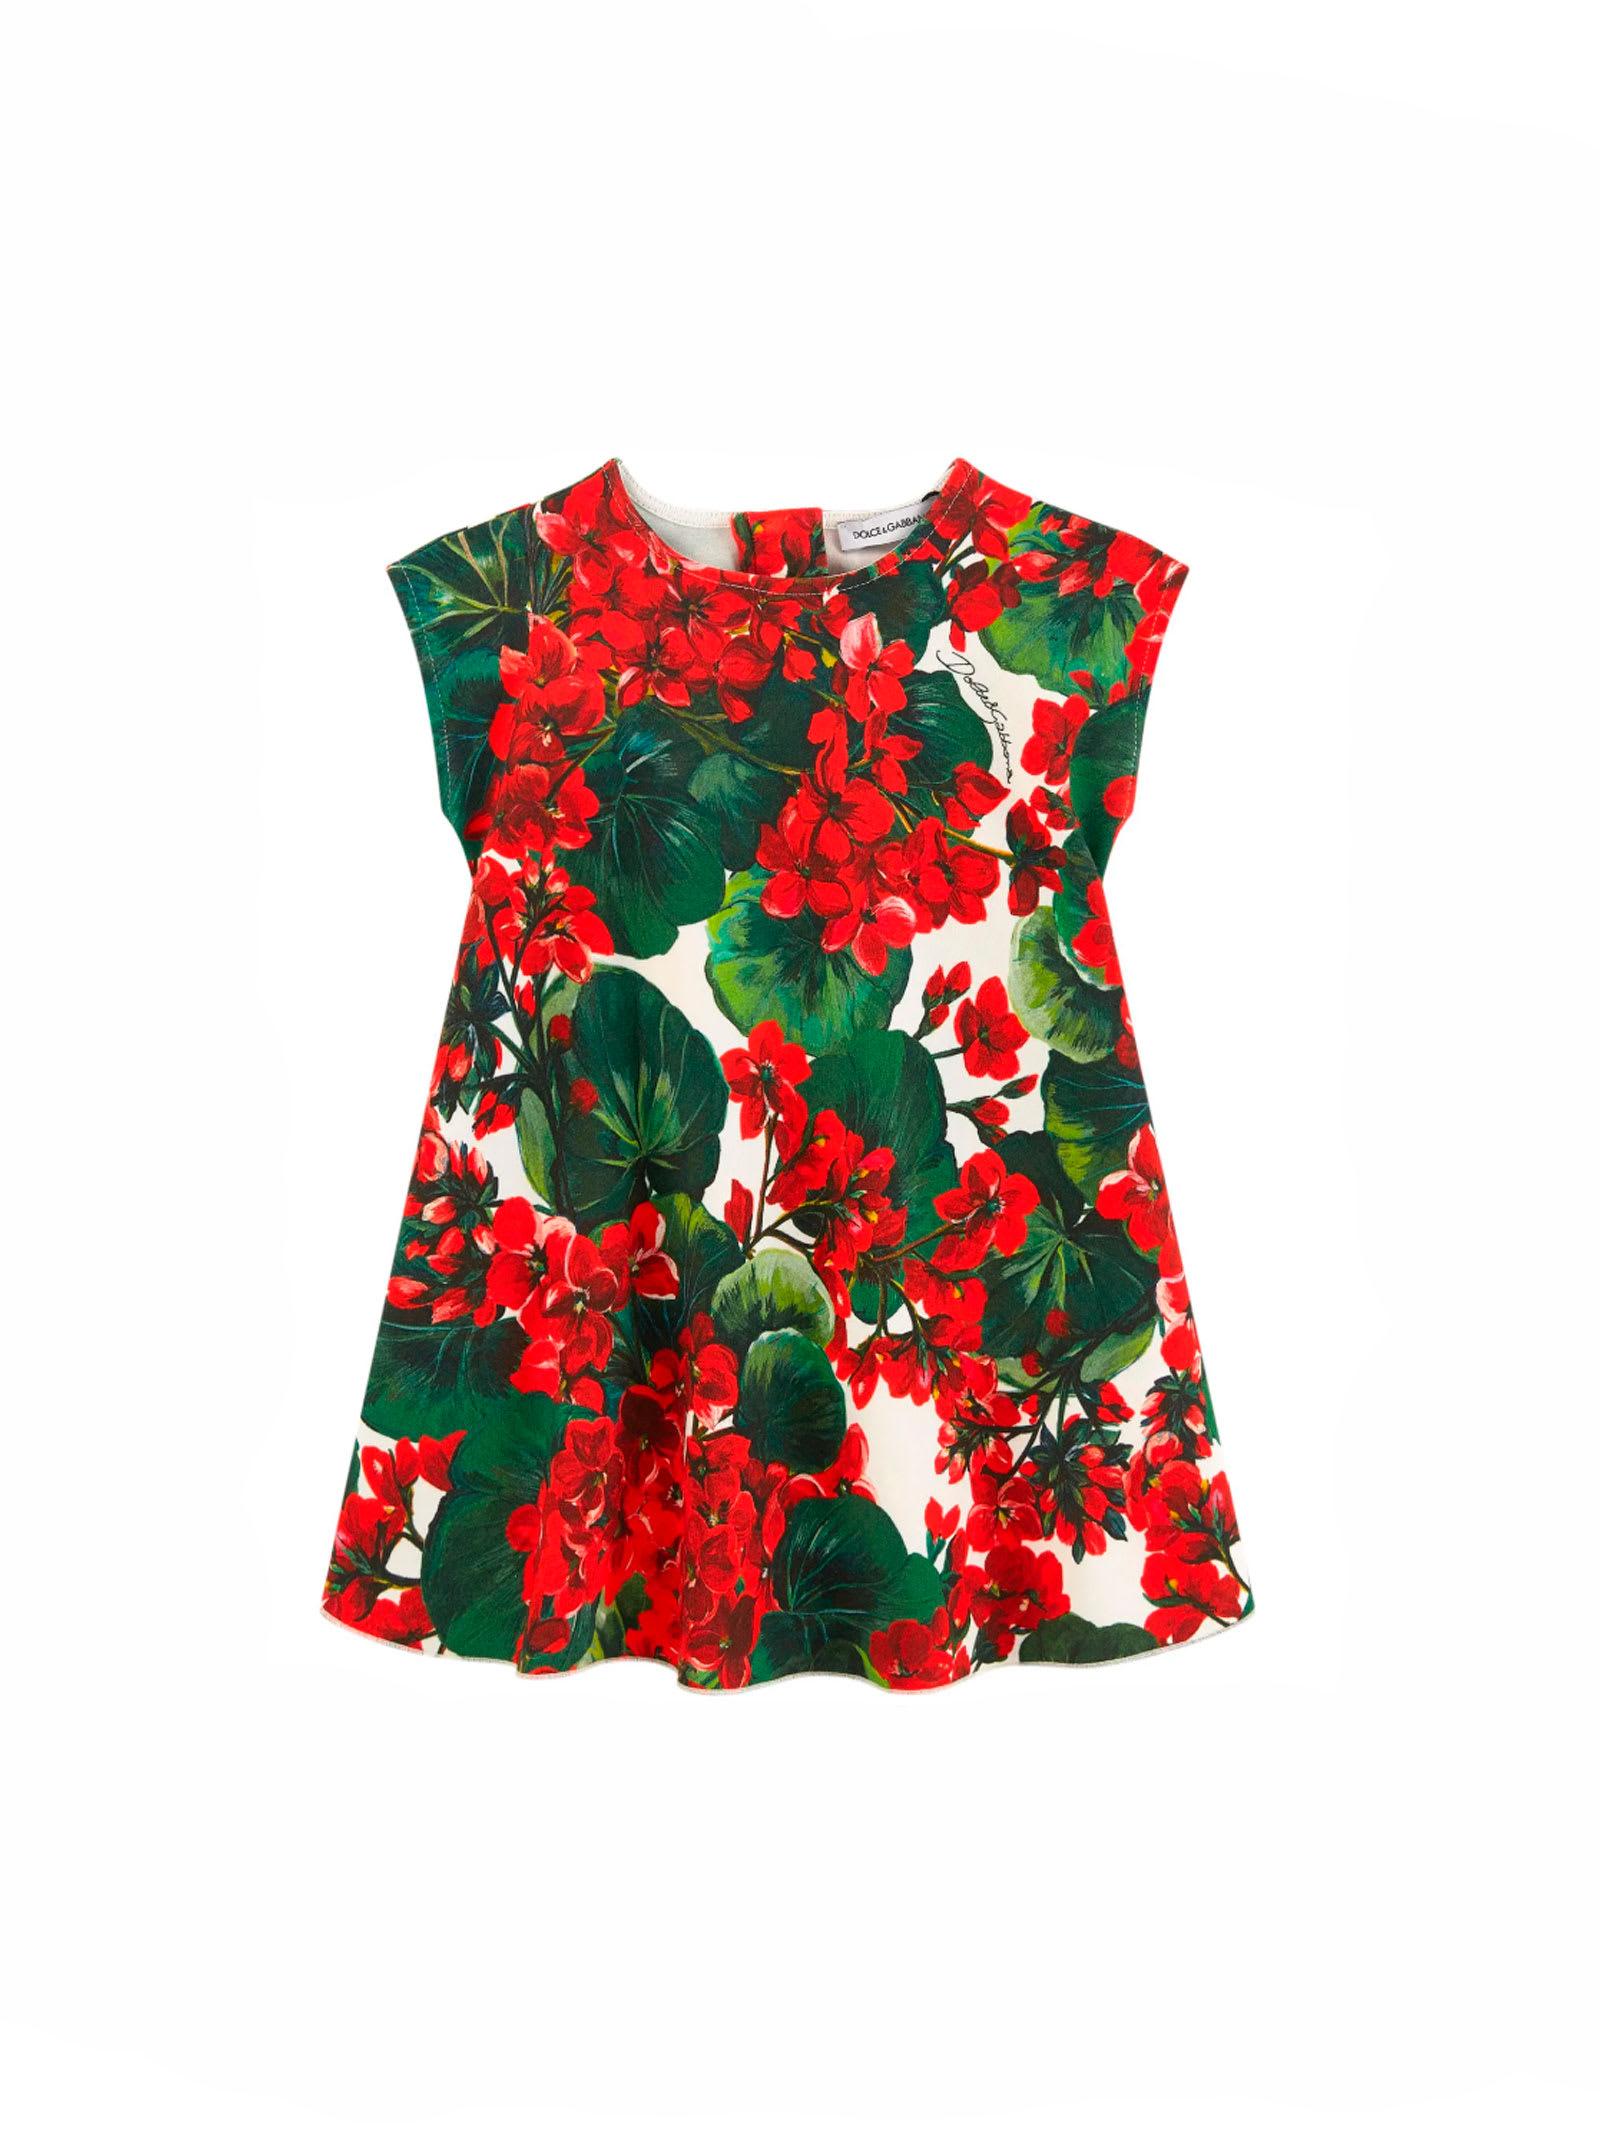 Dolce & Gabbana Dolce E Gabbana Kids Baby Dress